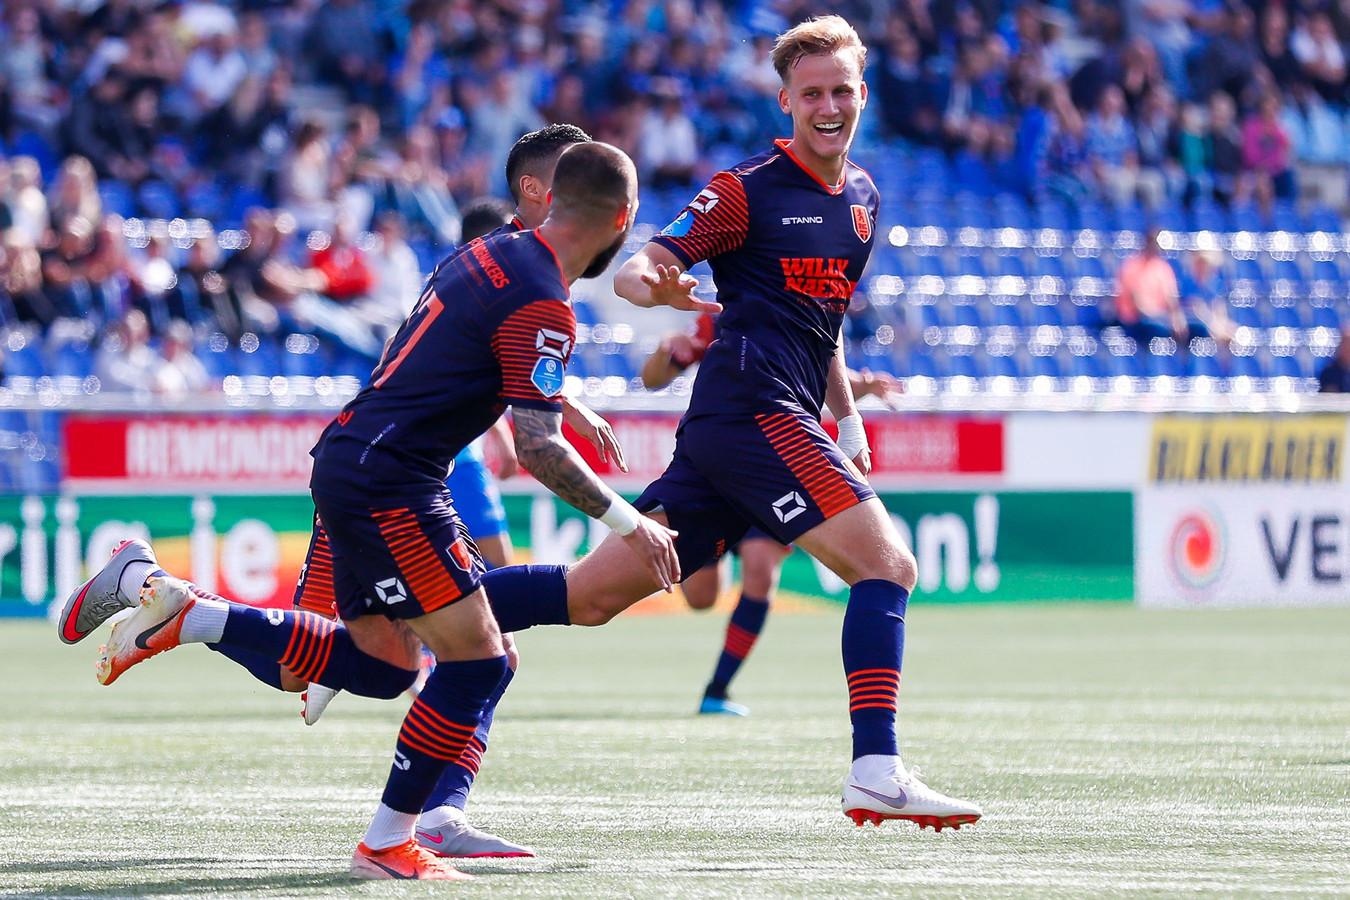 Melle Meulensteen (rechts) viert feest met zijn ploeggenoten tegen PEC Zwolle. De RKC'er scoorde tegen die club van grote afstand.